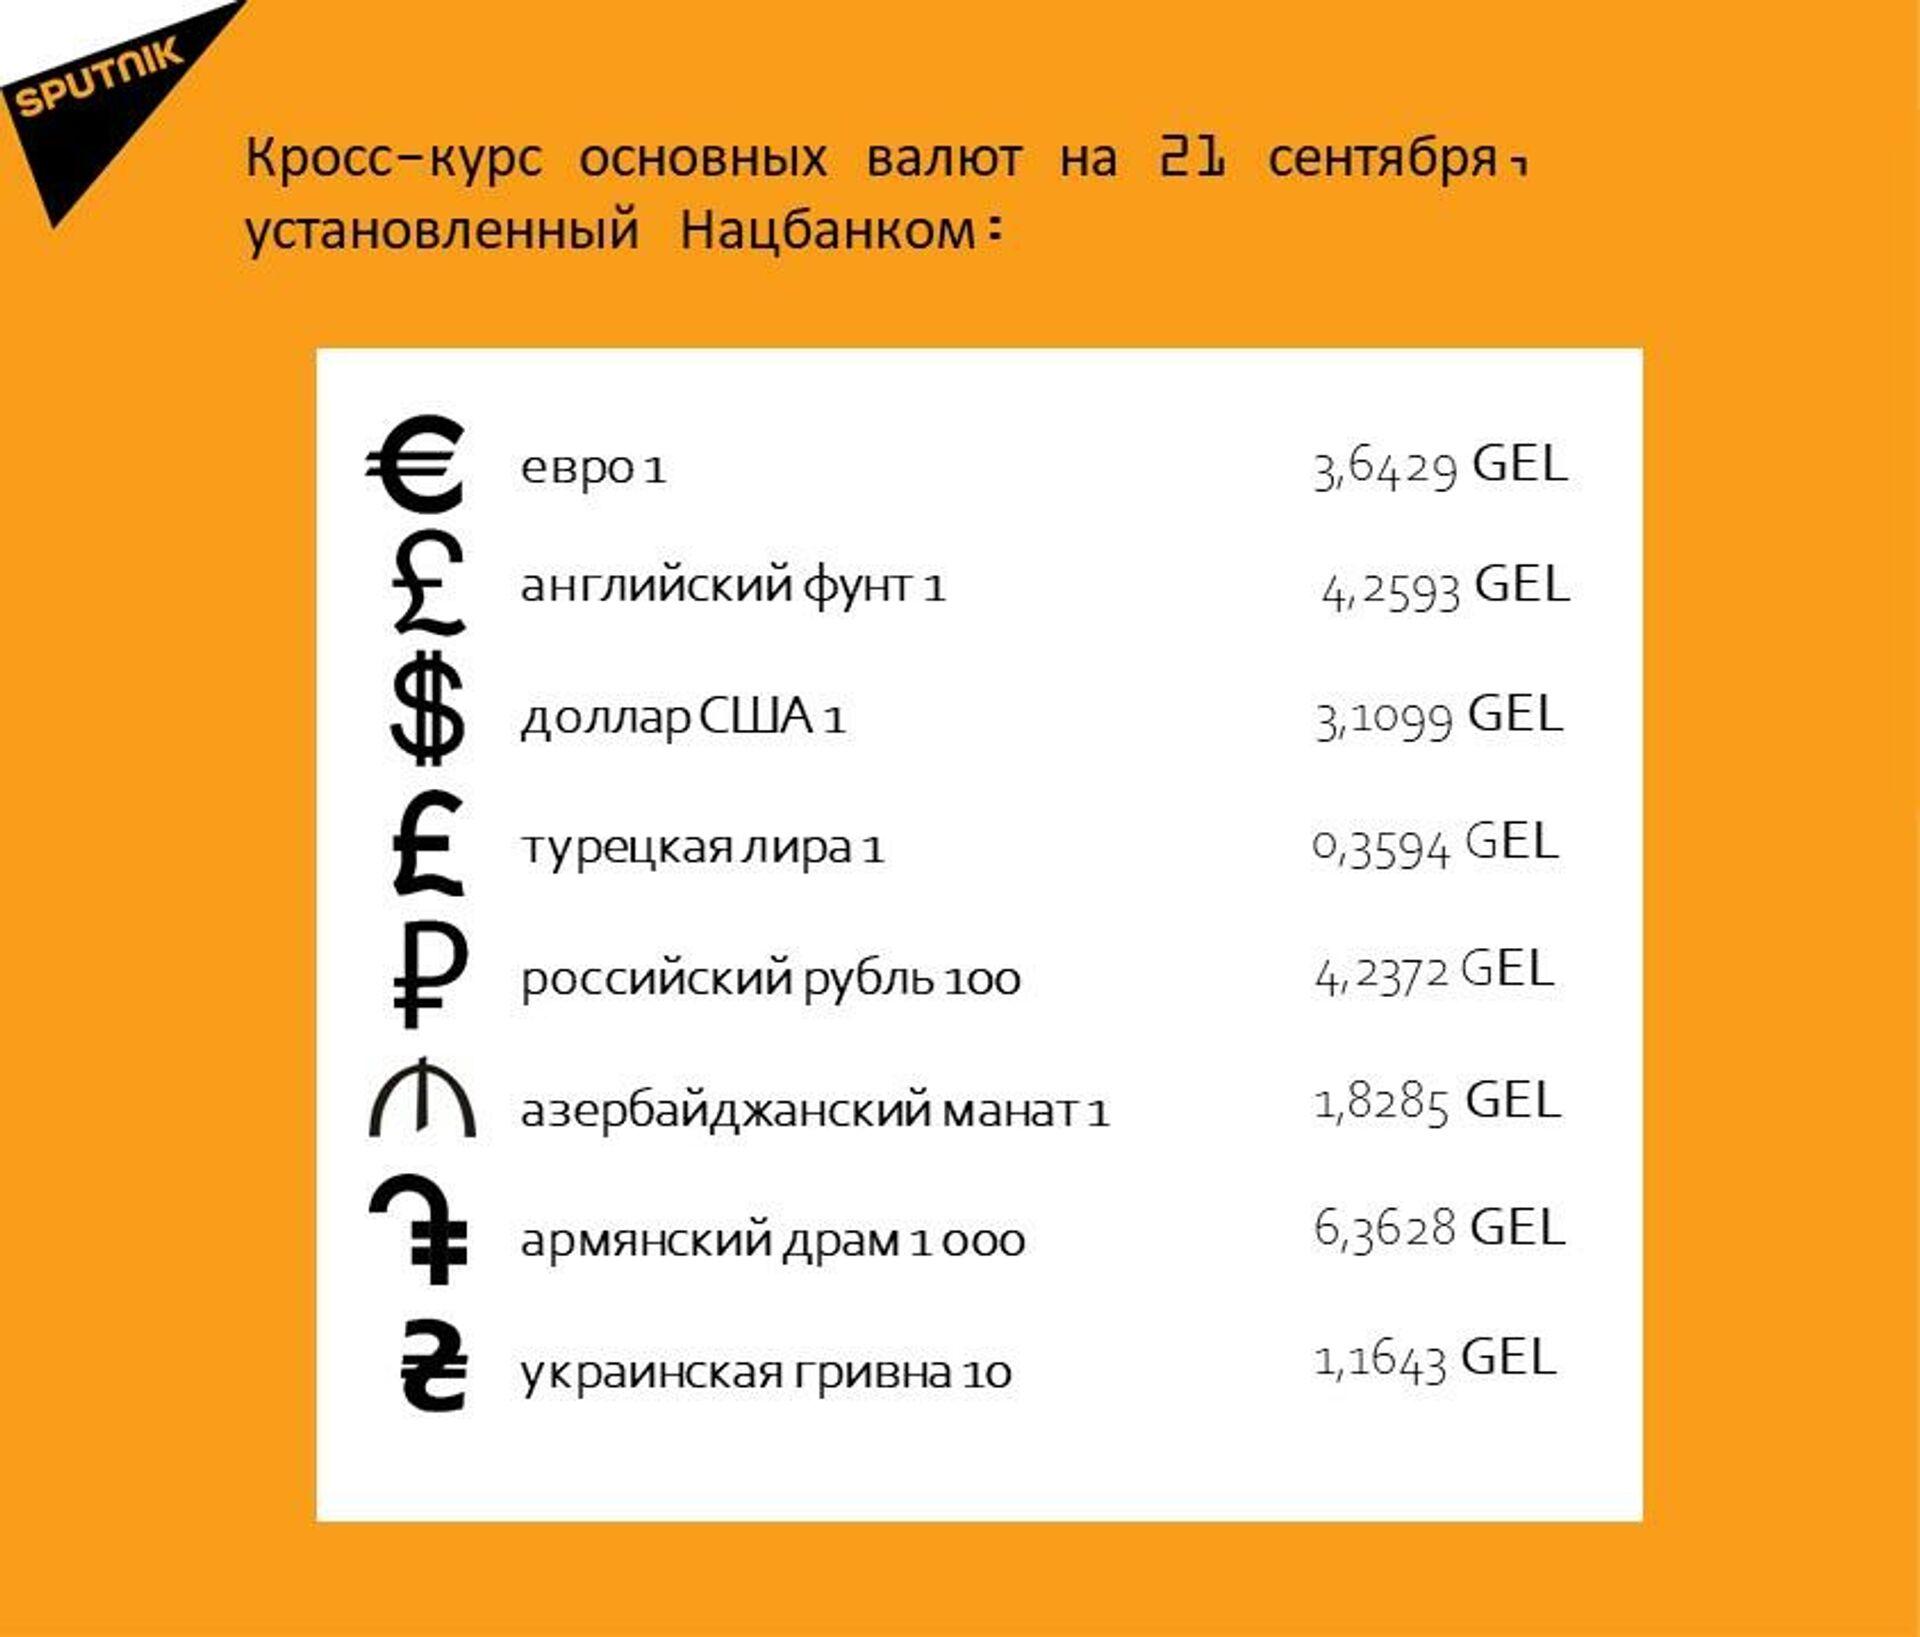 Кросс-курс основных валют на 21 сентября - Sputnik Грузия, 1920, 20.09.2021